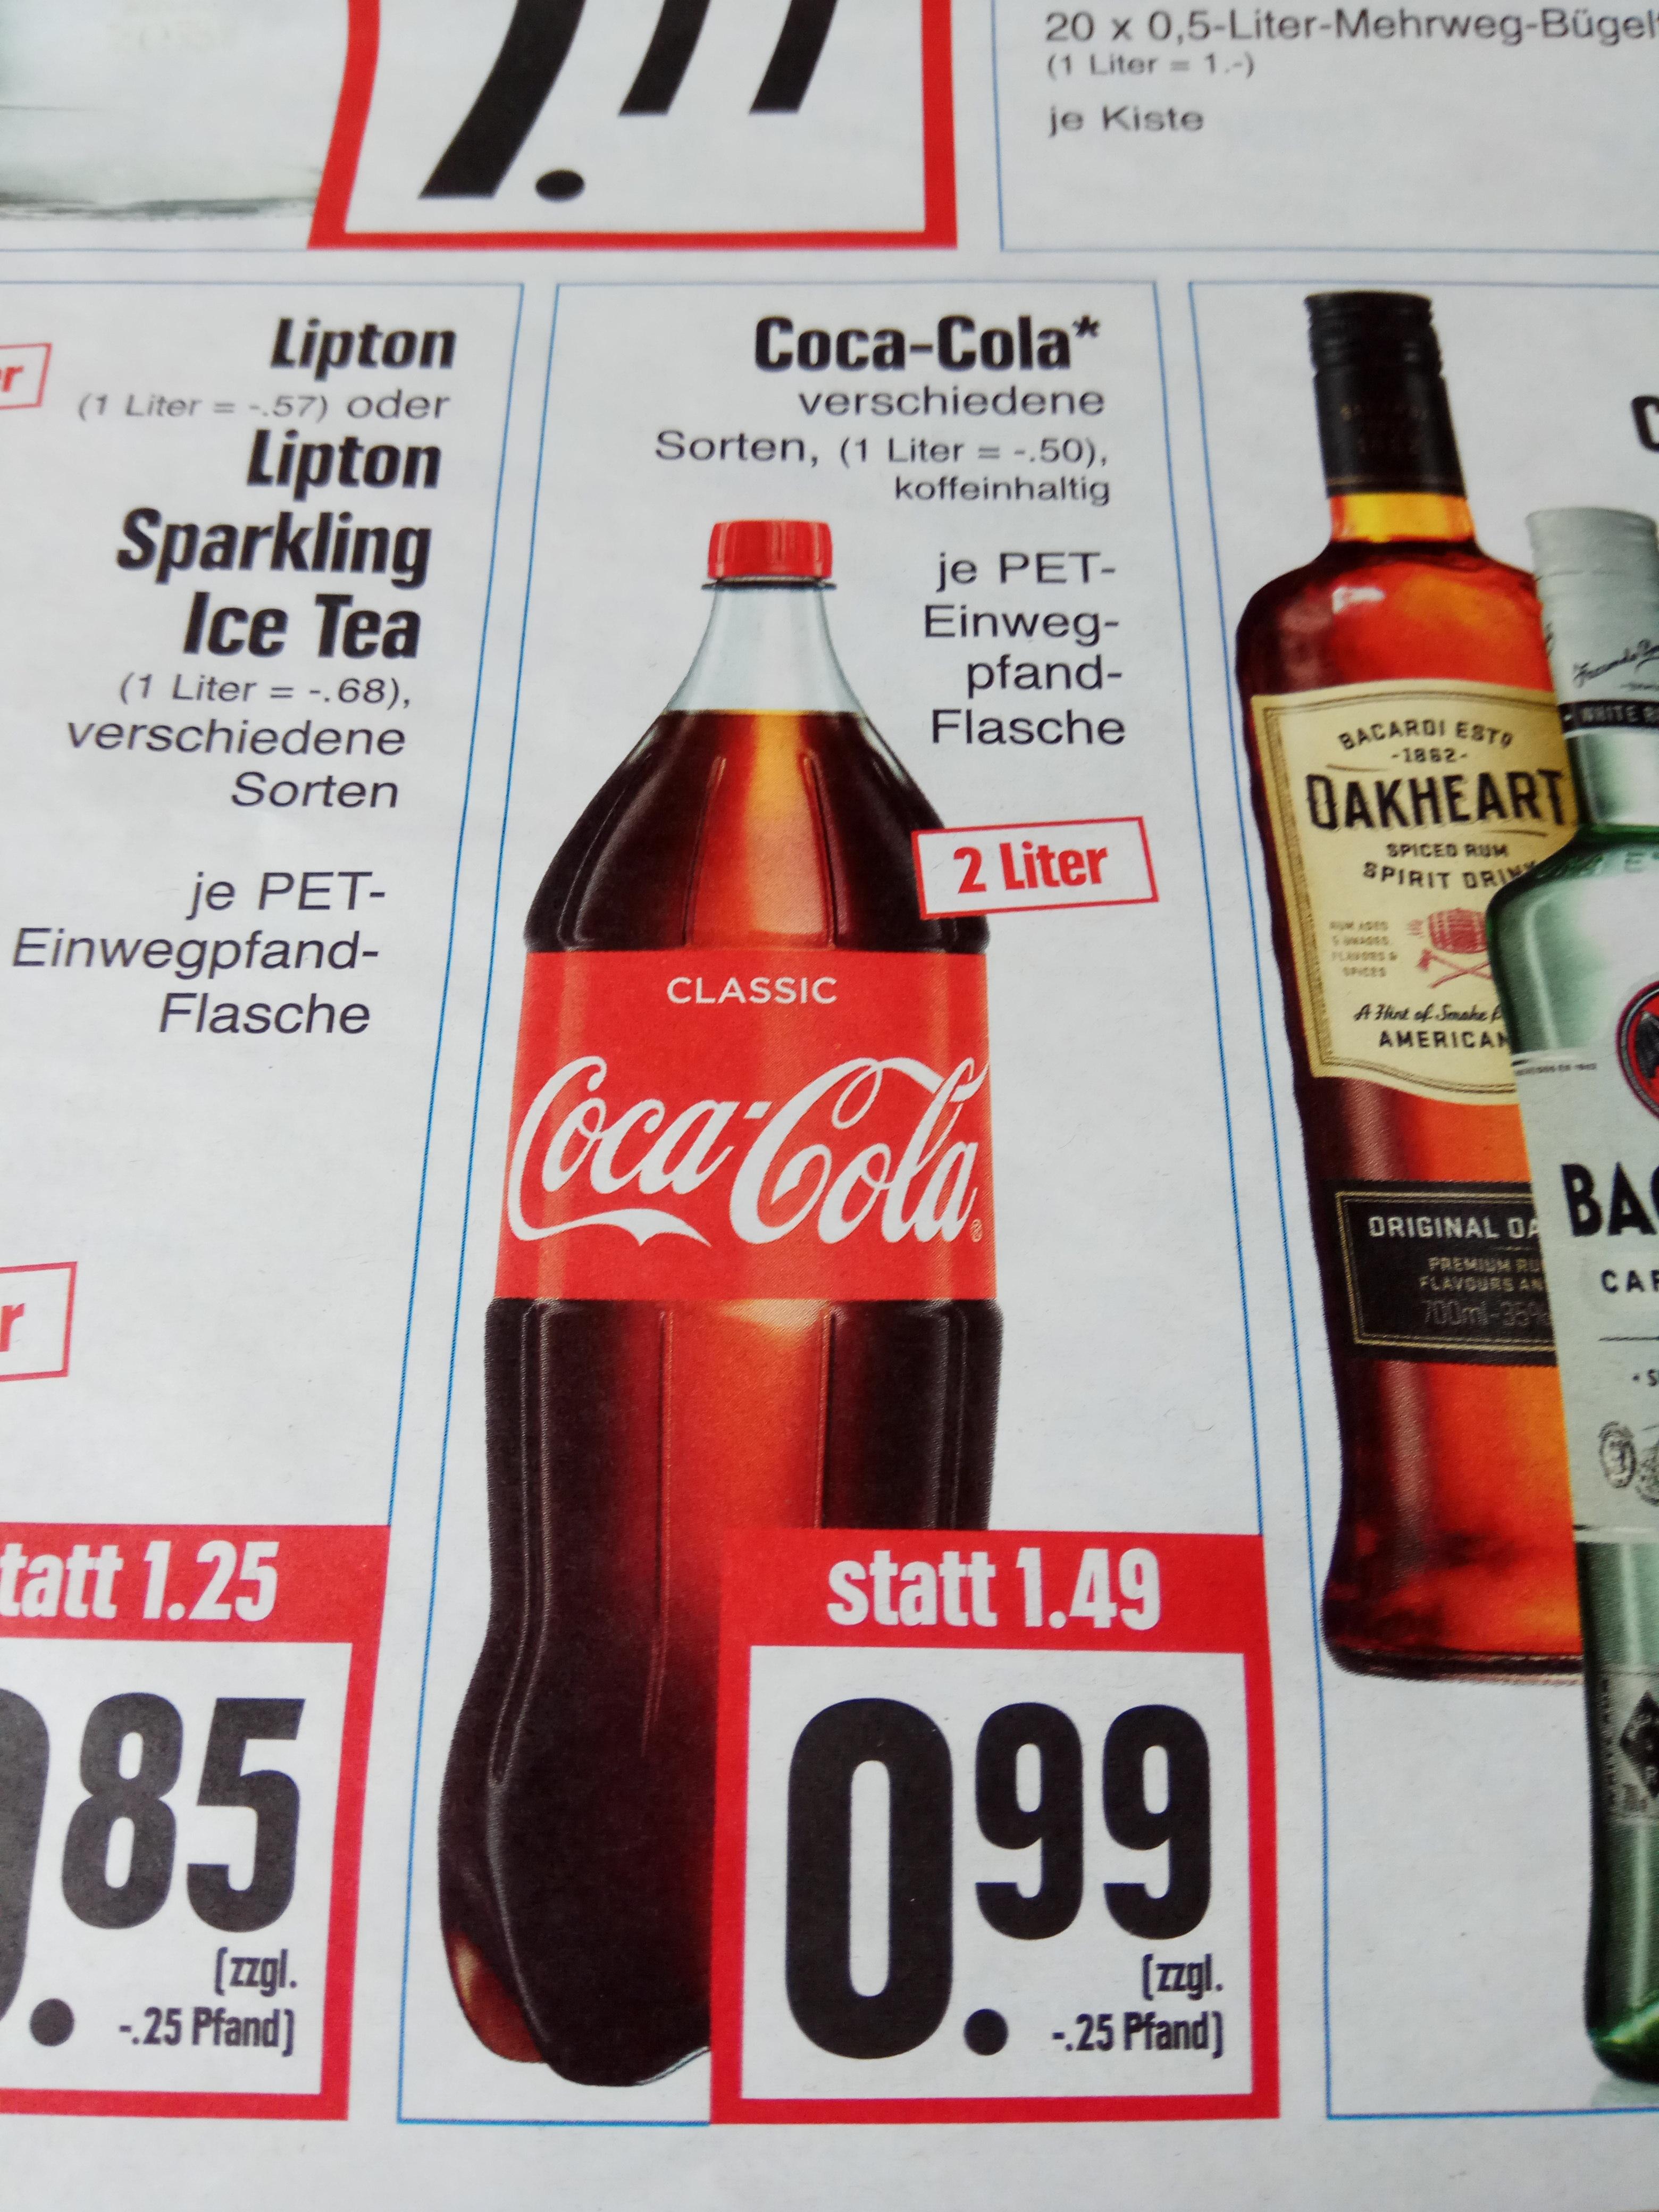 Cola Cola 2 Liter Flasche (verschiedene Sorten) für je 0,99€ @ EDEKA Hessenring